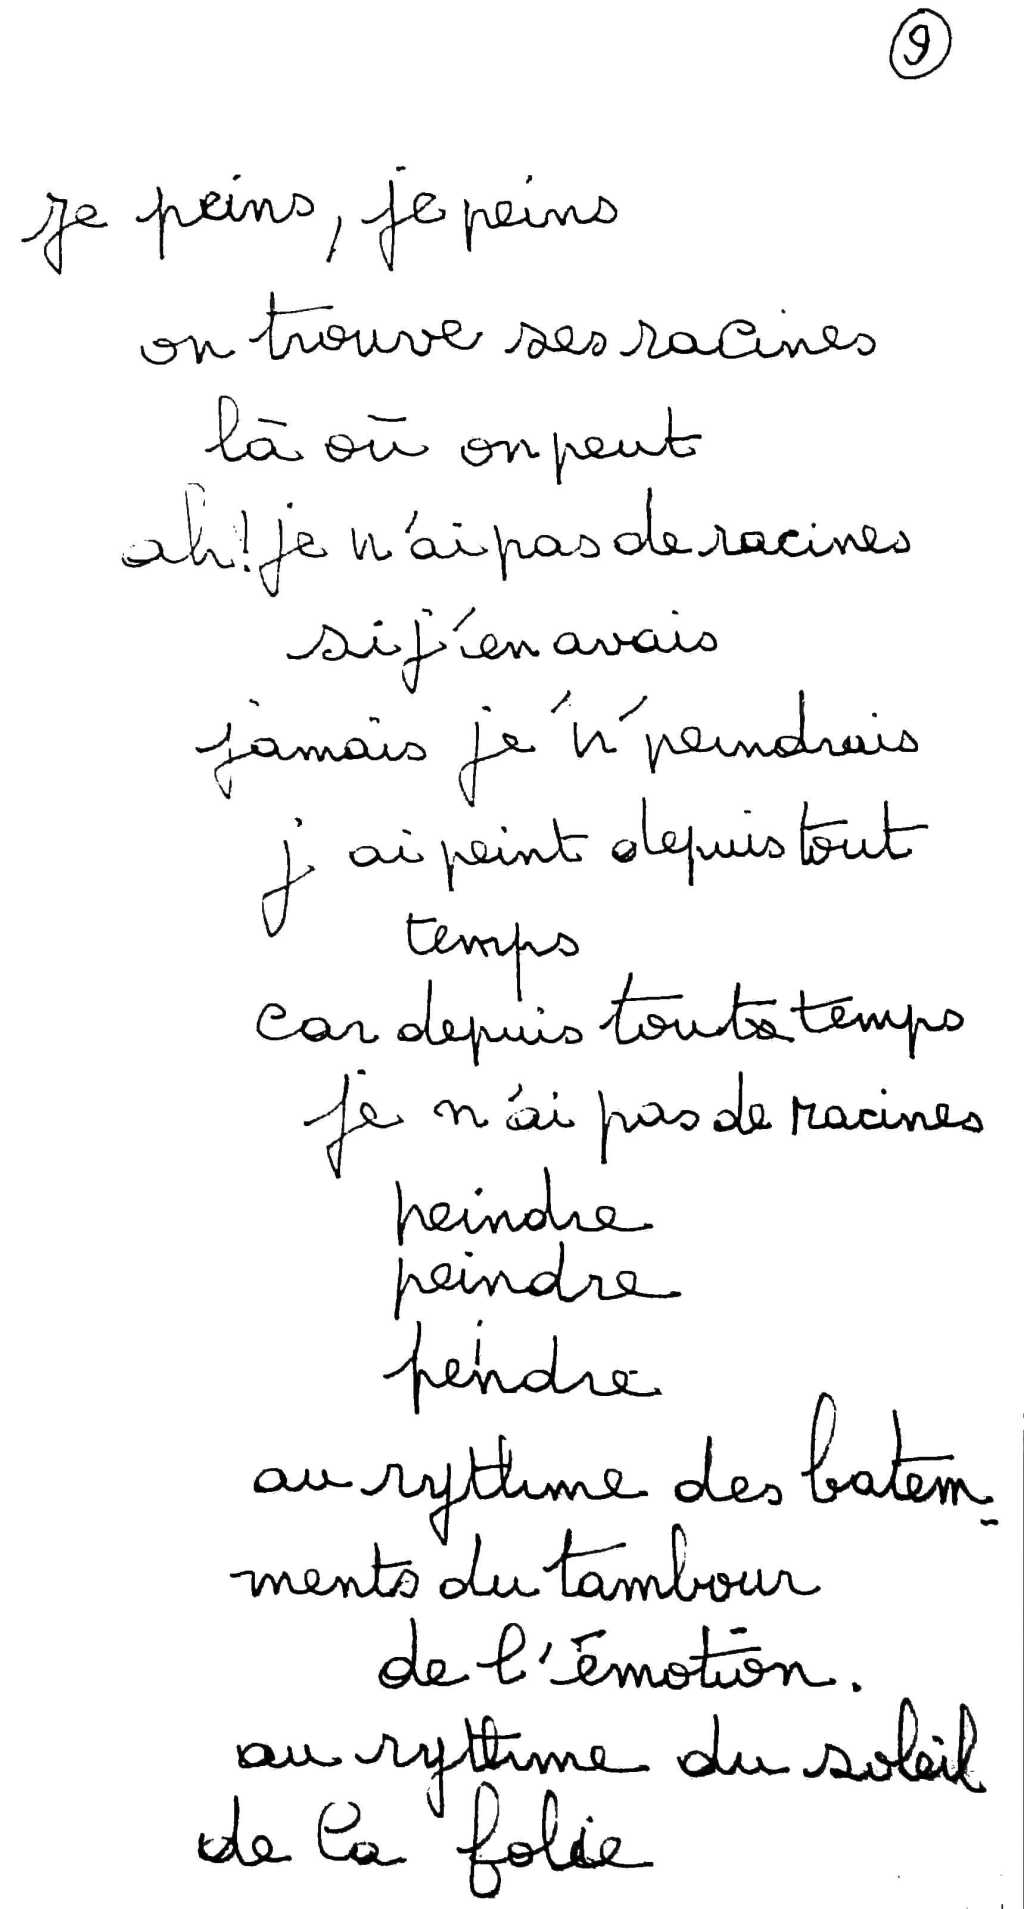 manuscrit du poème 2502